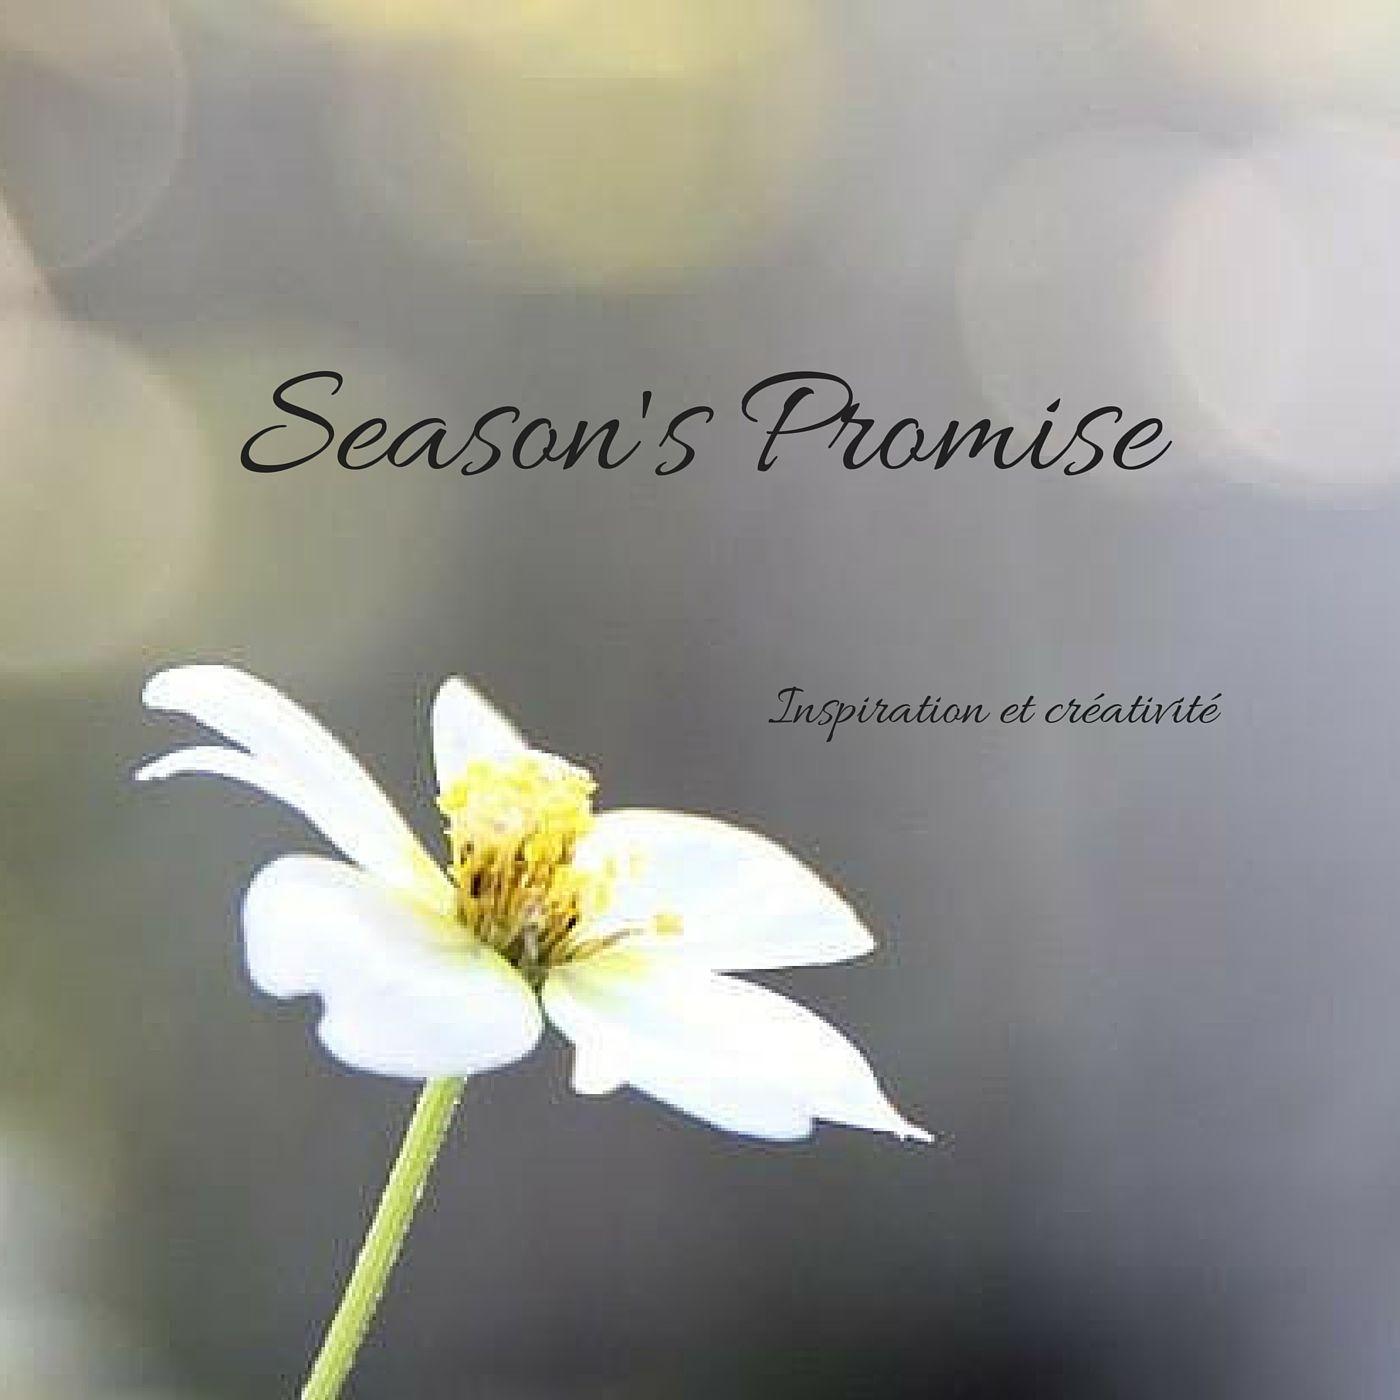 Season's Promise